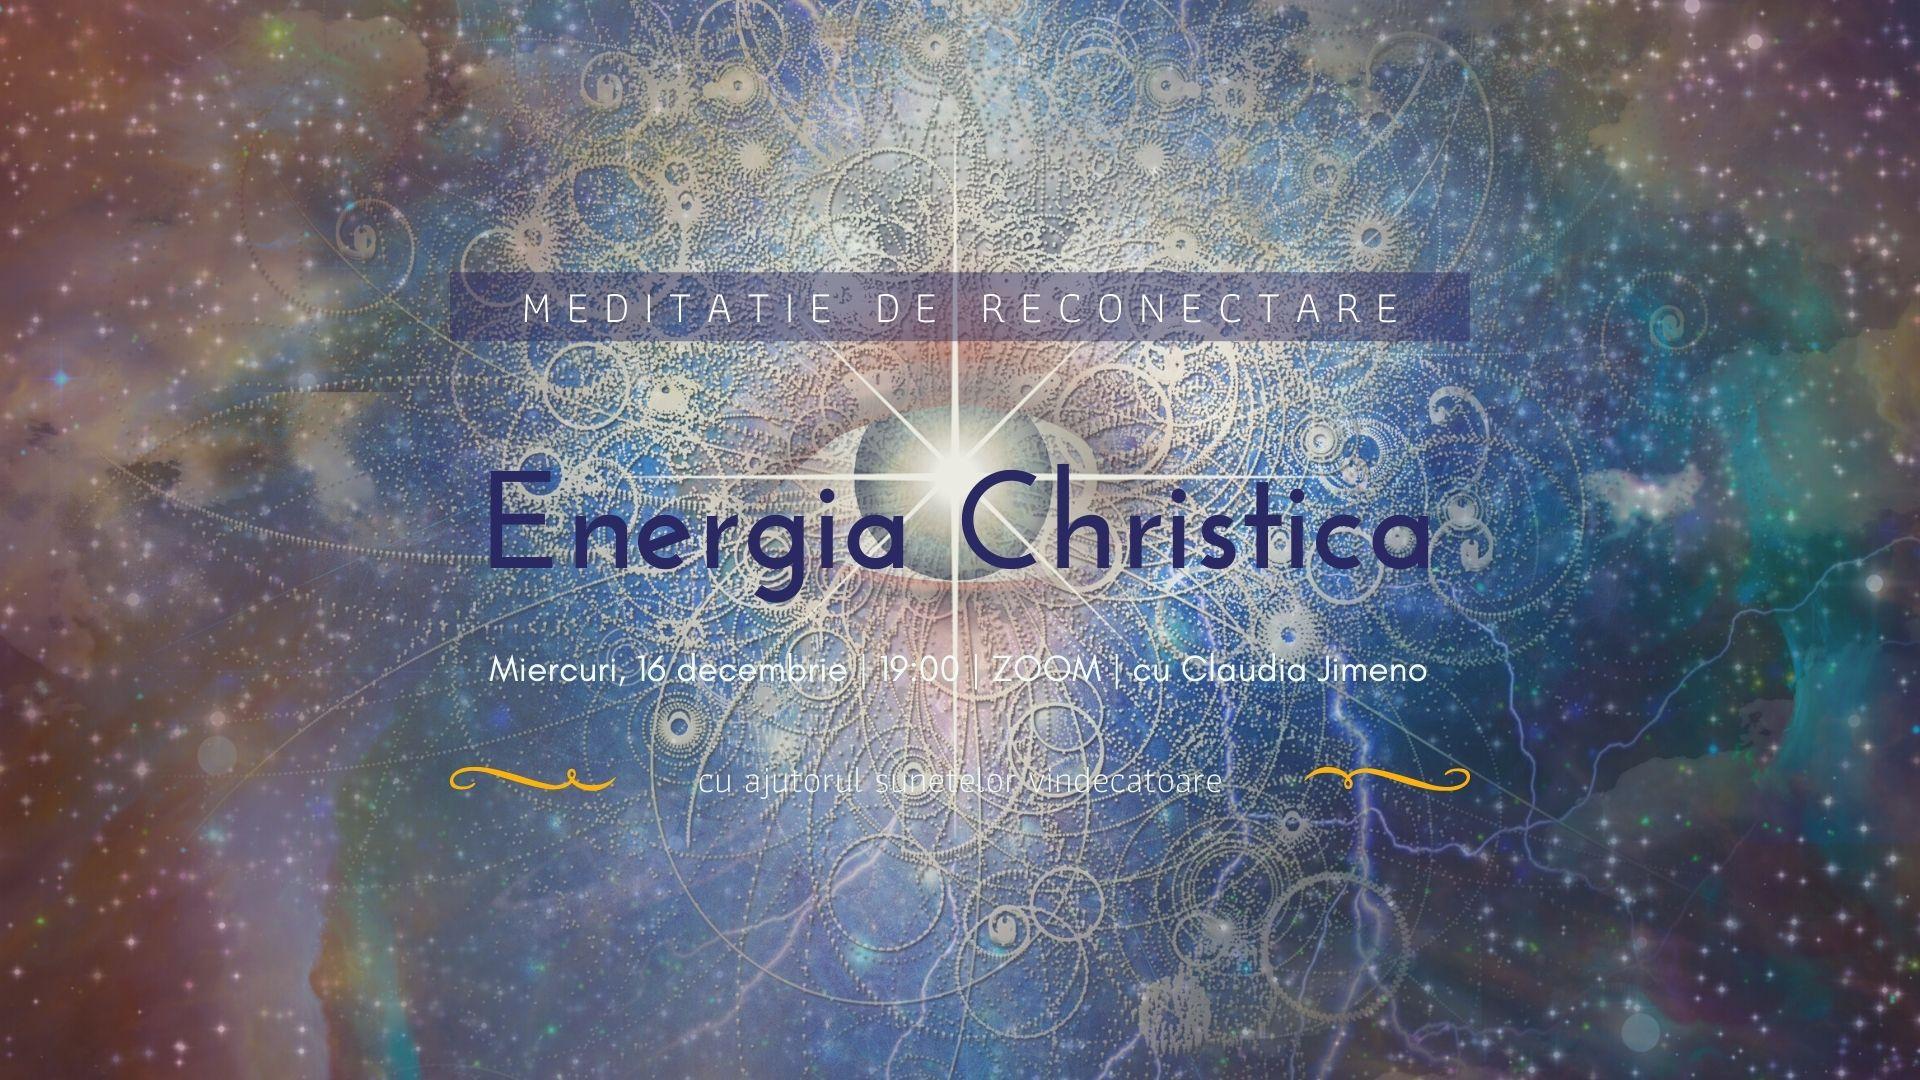 Meditatie cu sunete vindecatoare Energia Christica